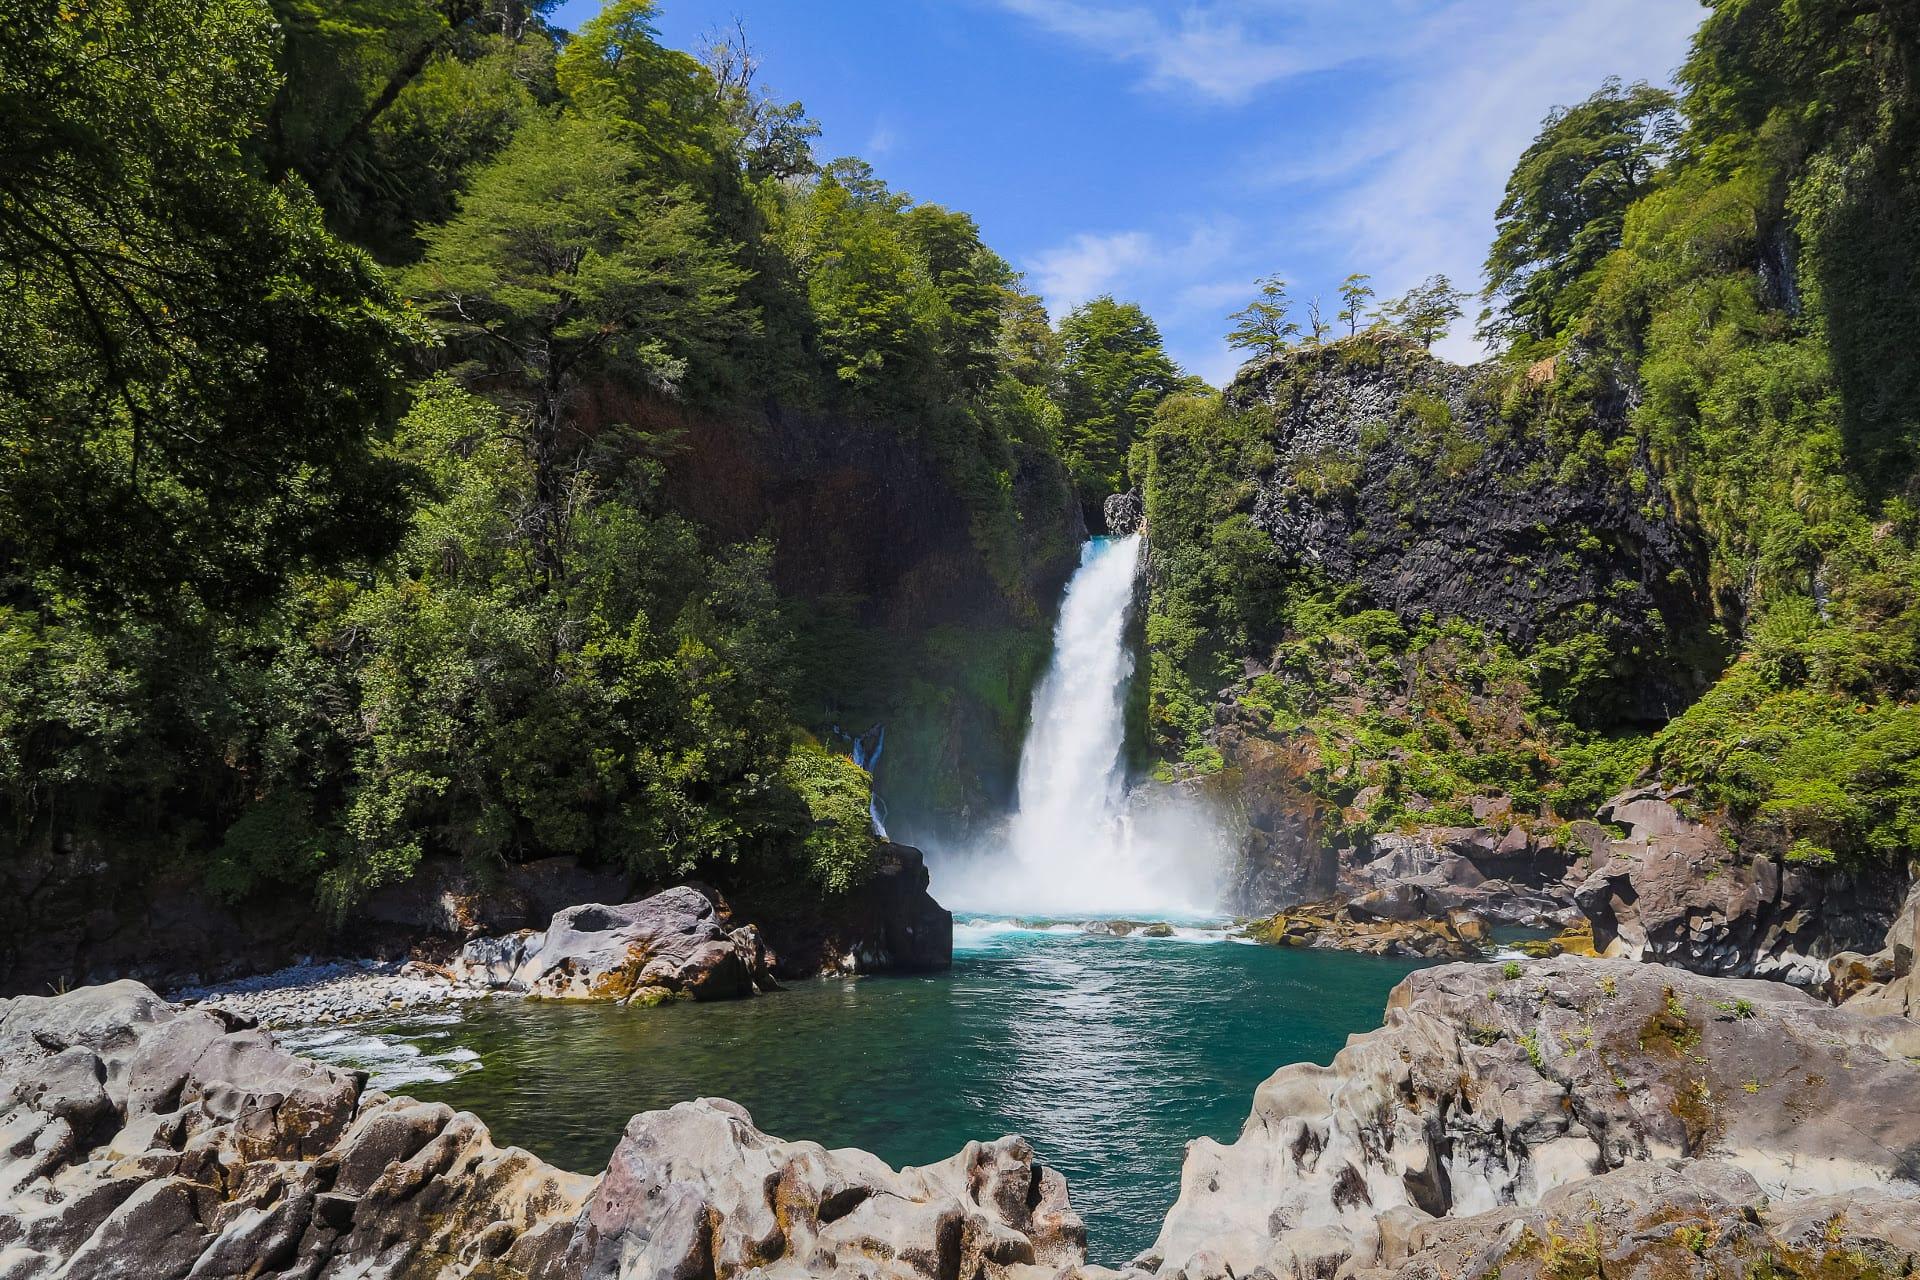 Watervallen En Groene Bossen In Het Merengebied Van Chili